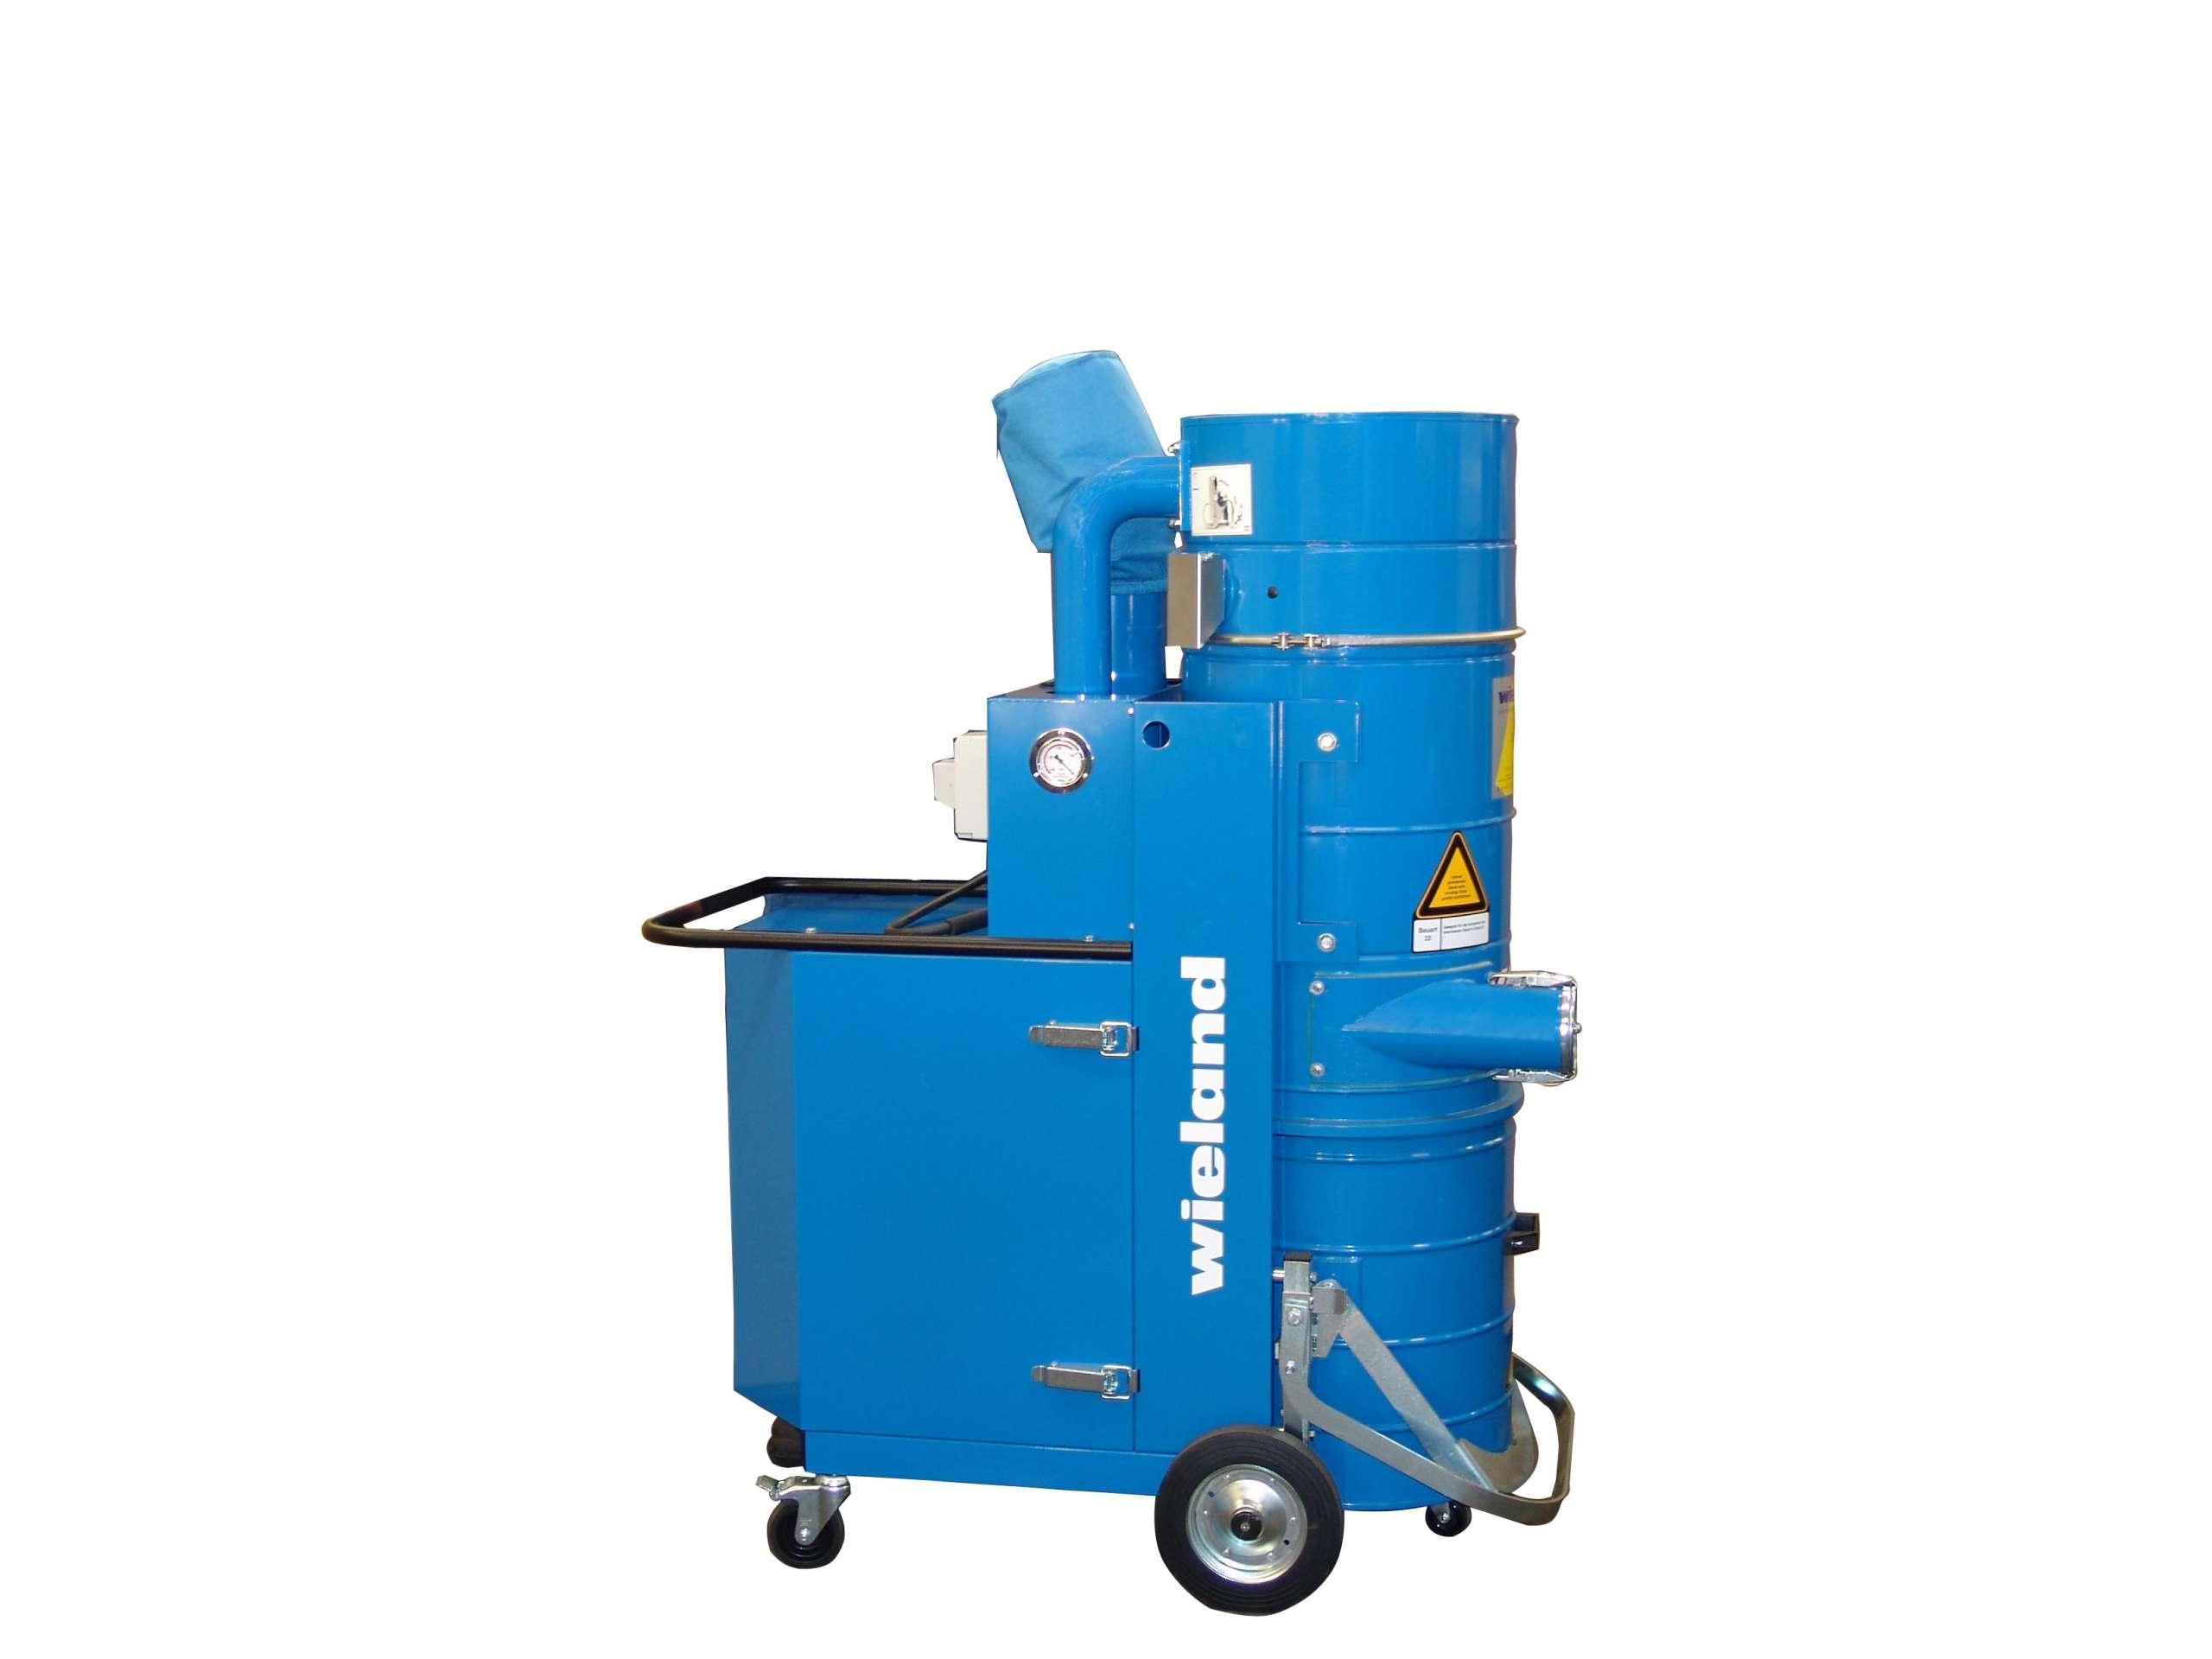 Berühmt Industriesauger mit automatischer Filterreinigung FS25